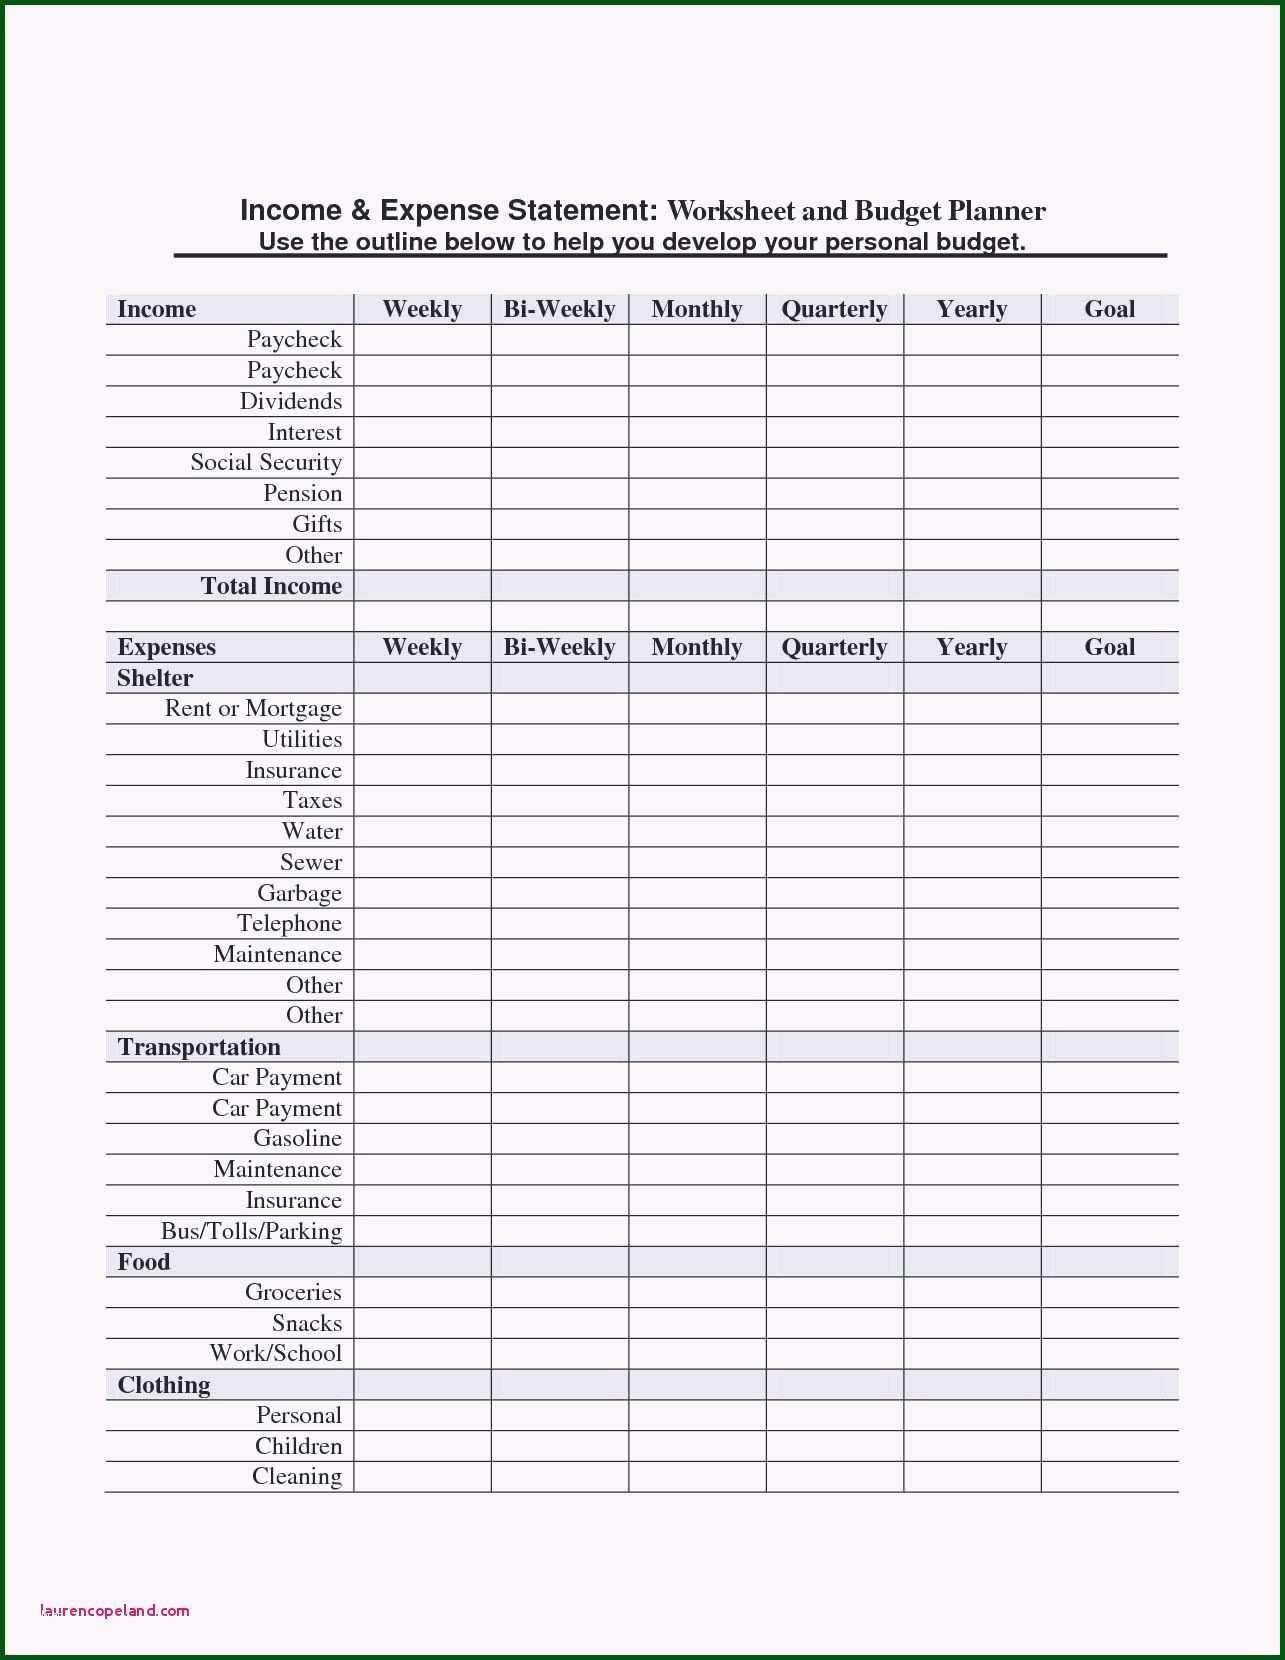 Verfahrensverzeichnis Dsgvo Vorlage Fantastisch Inventarliste Vorlage Muster Besten Der Muster Vorlage Ideen Flyer Erstellen Kartenvorlage Vorlagen